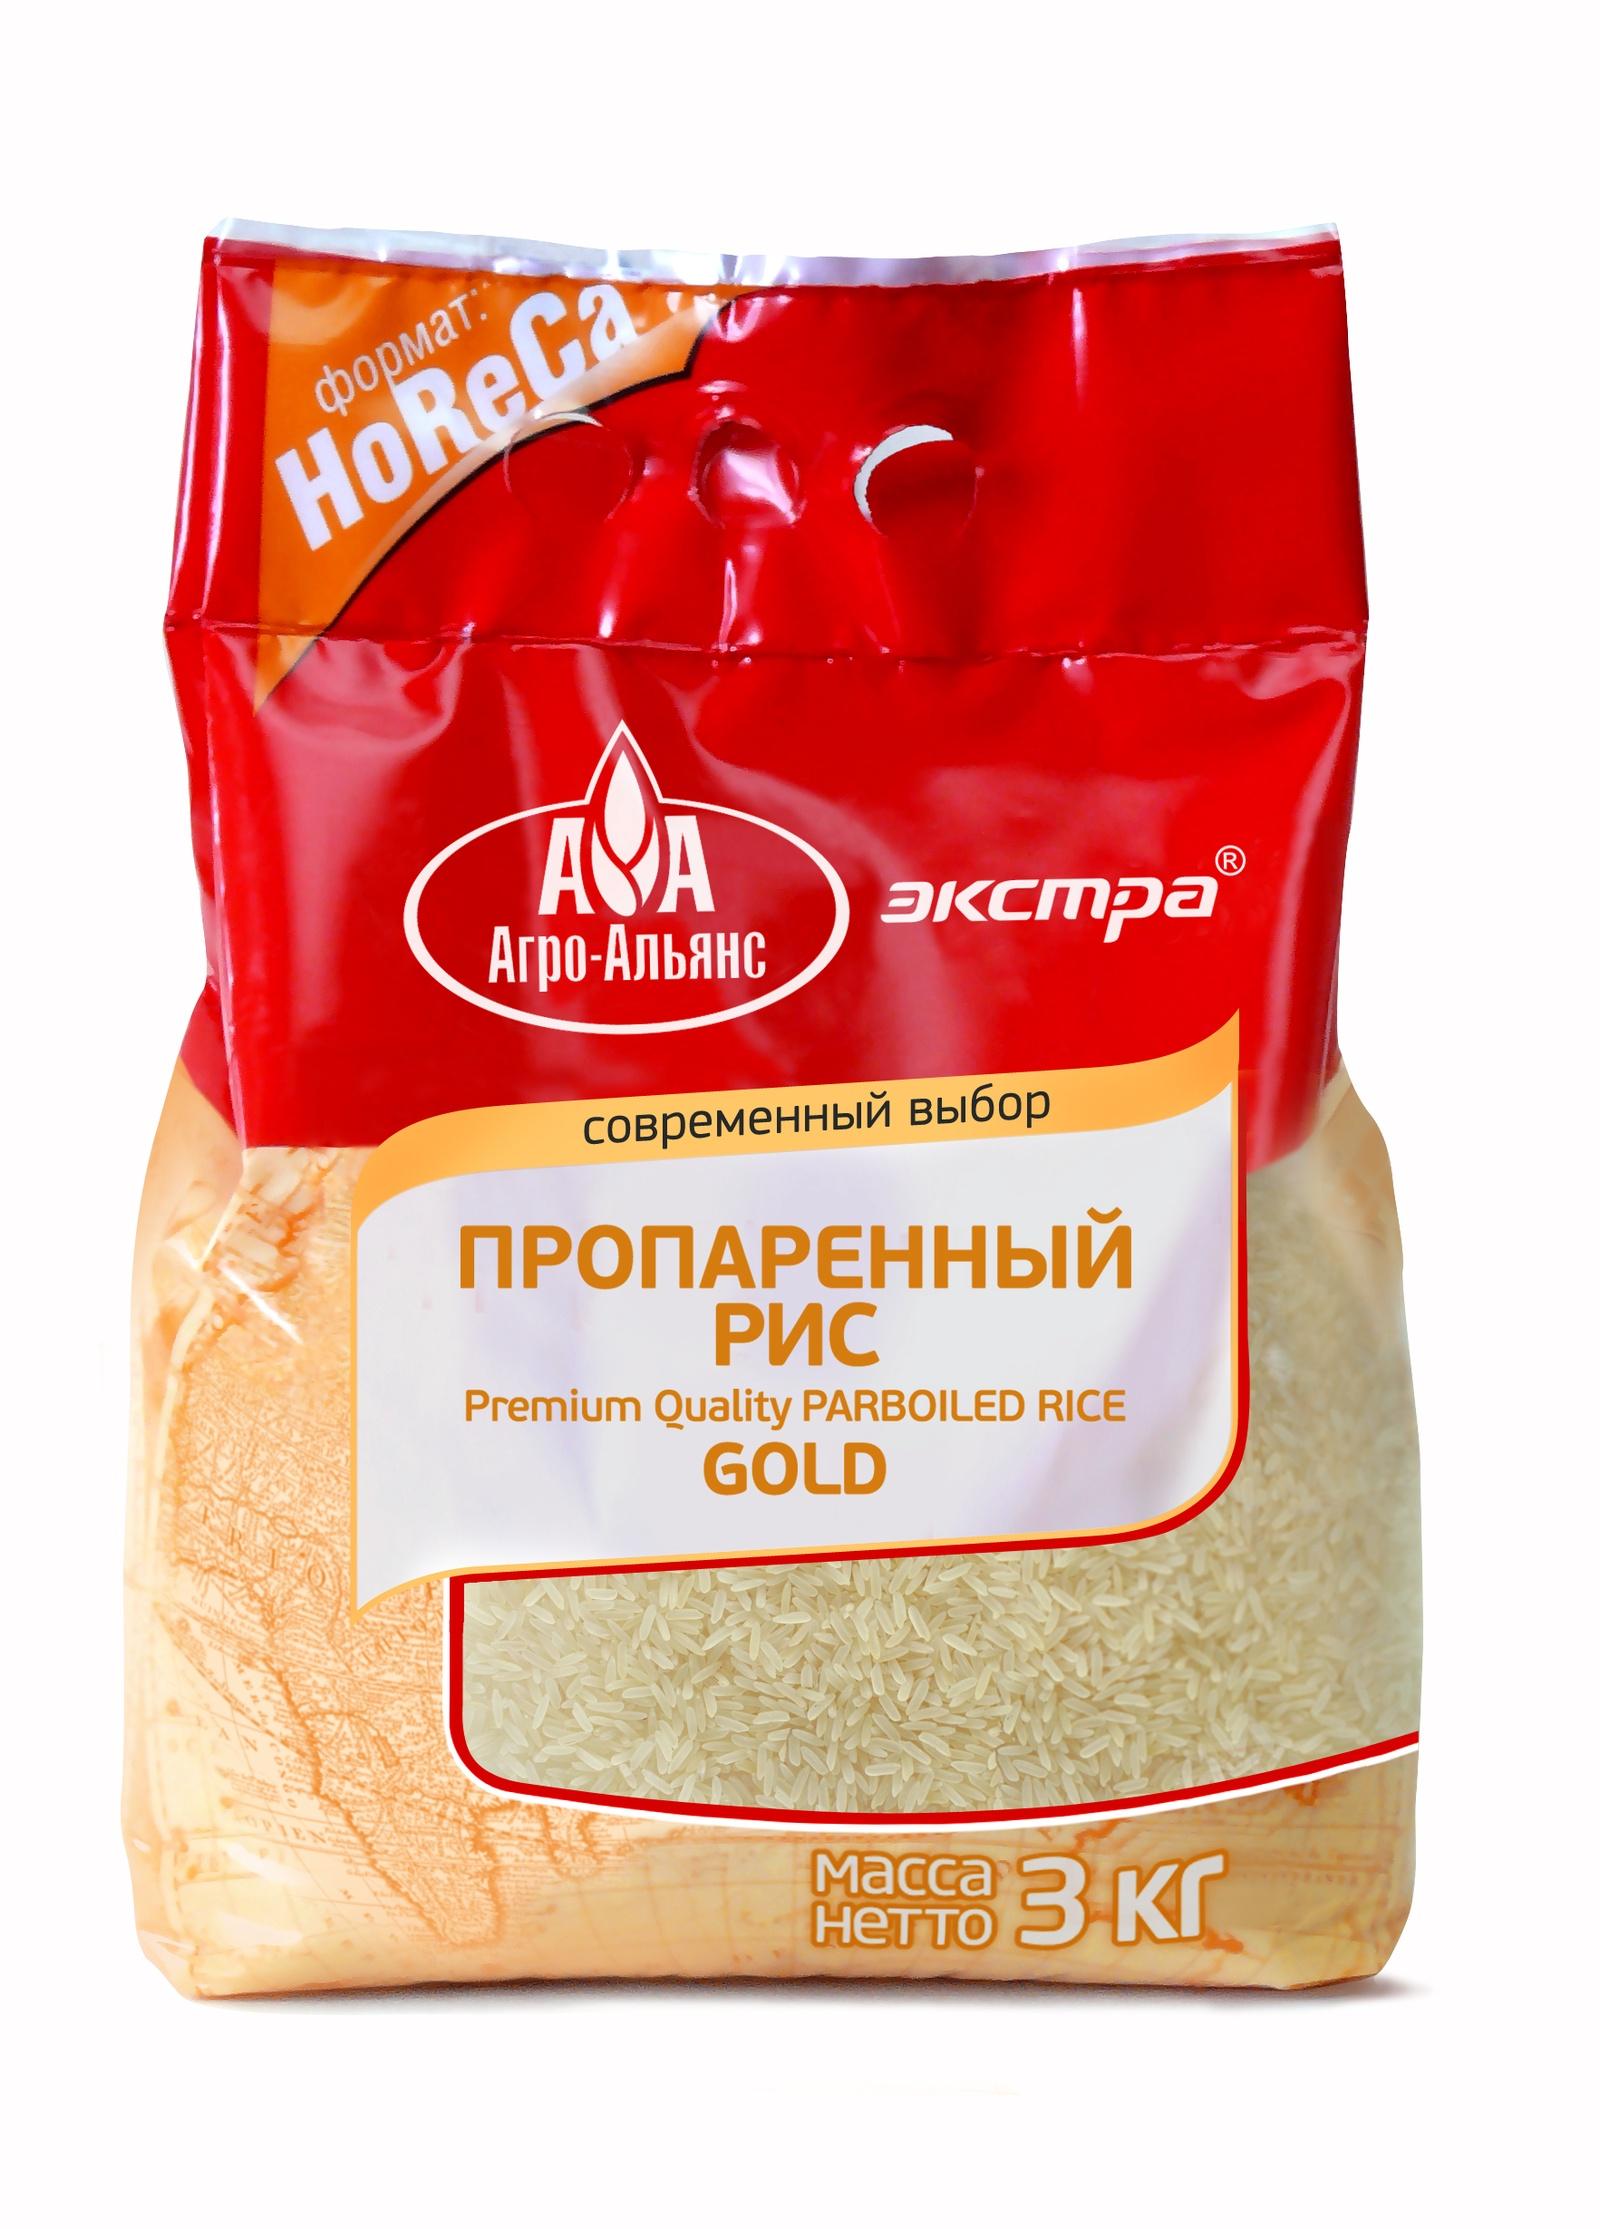 Рис Агро-Альянс Пропаренный Gold HoReCa, 3000 г колокольчик звонок ens 12 5 10 11 см